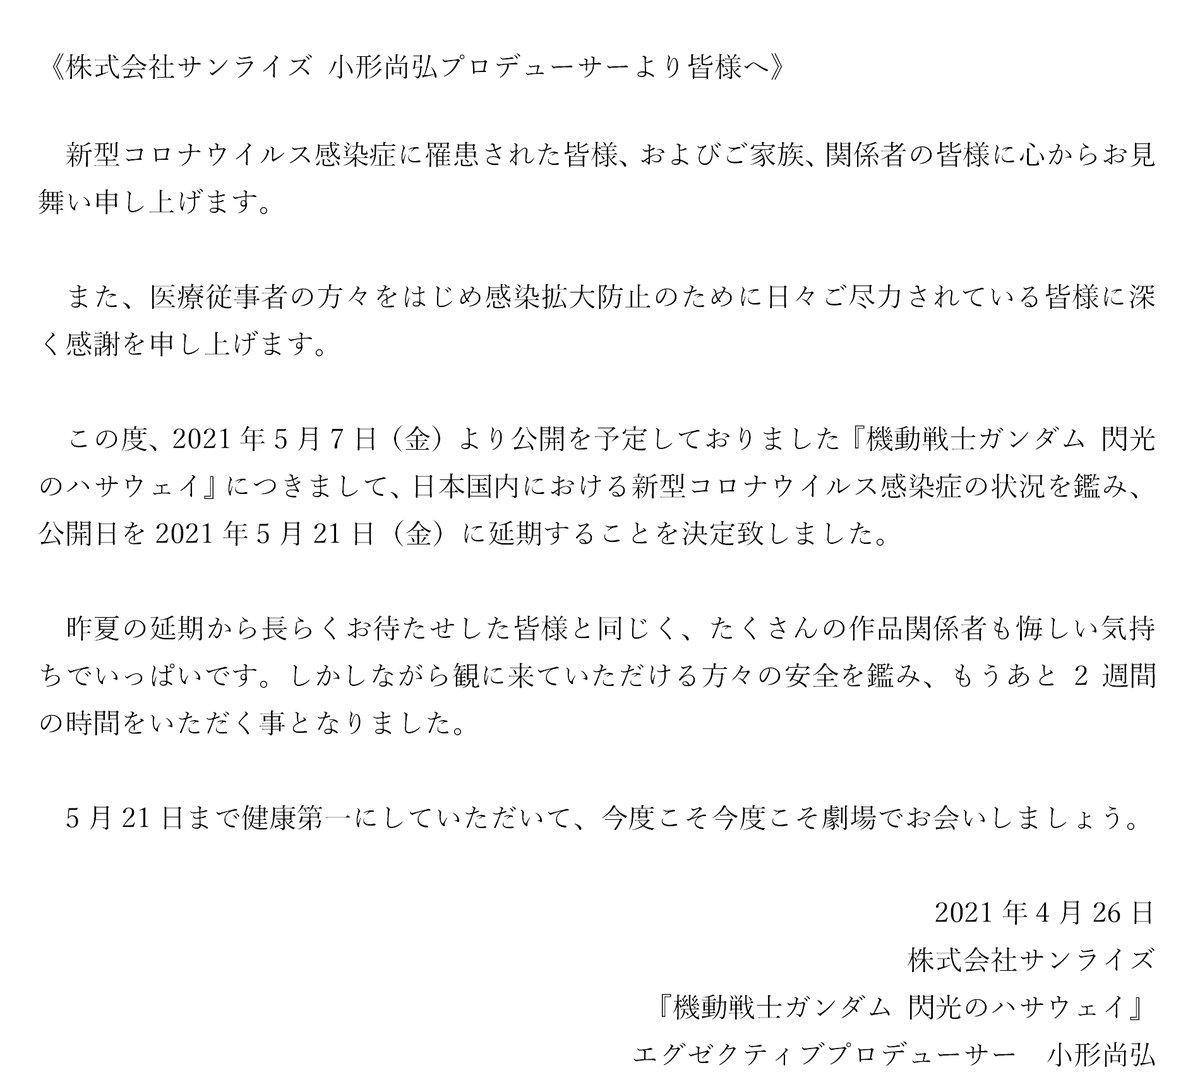 本作の小形尚弘プロデューサーからのコメントを掲載いたします